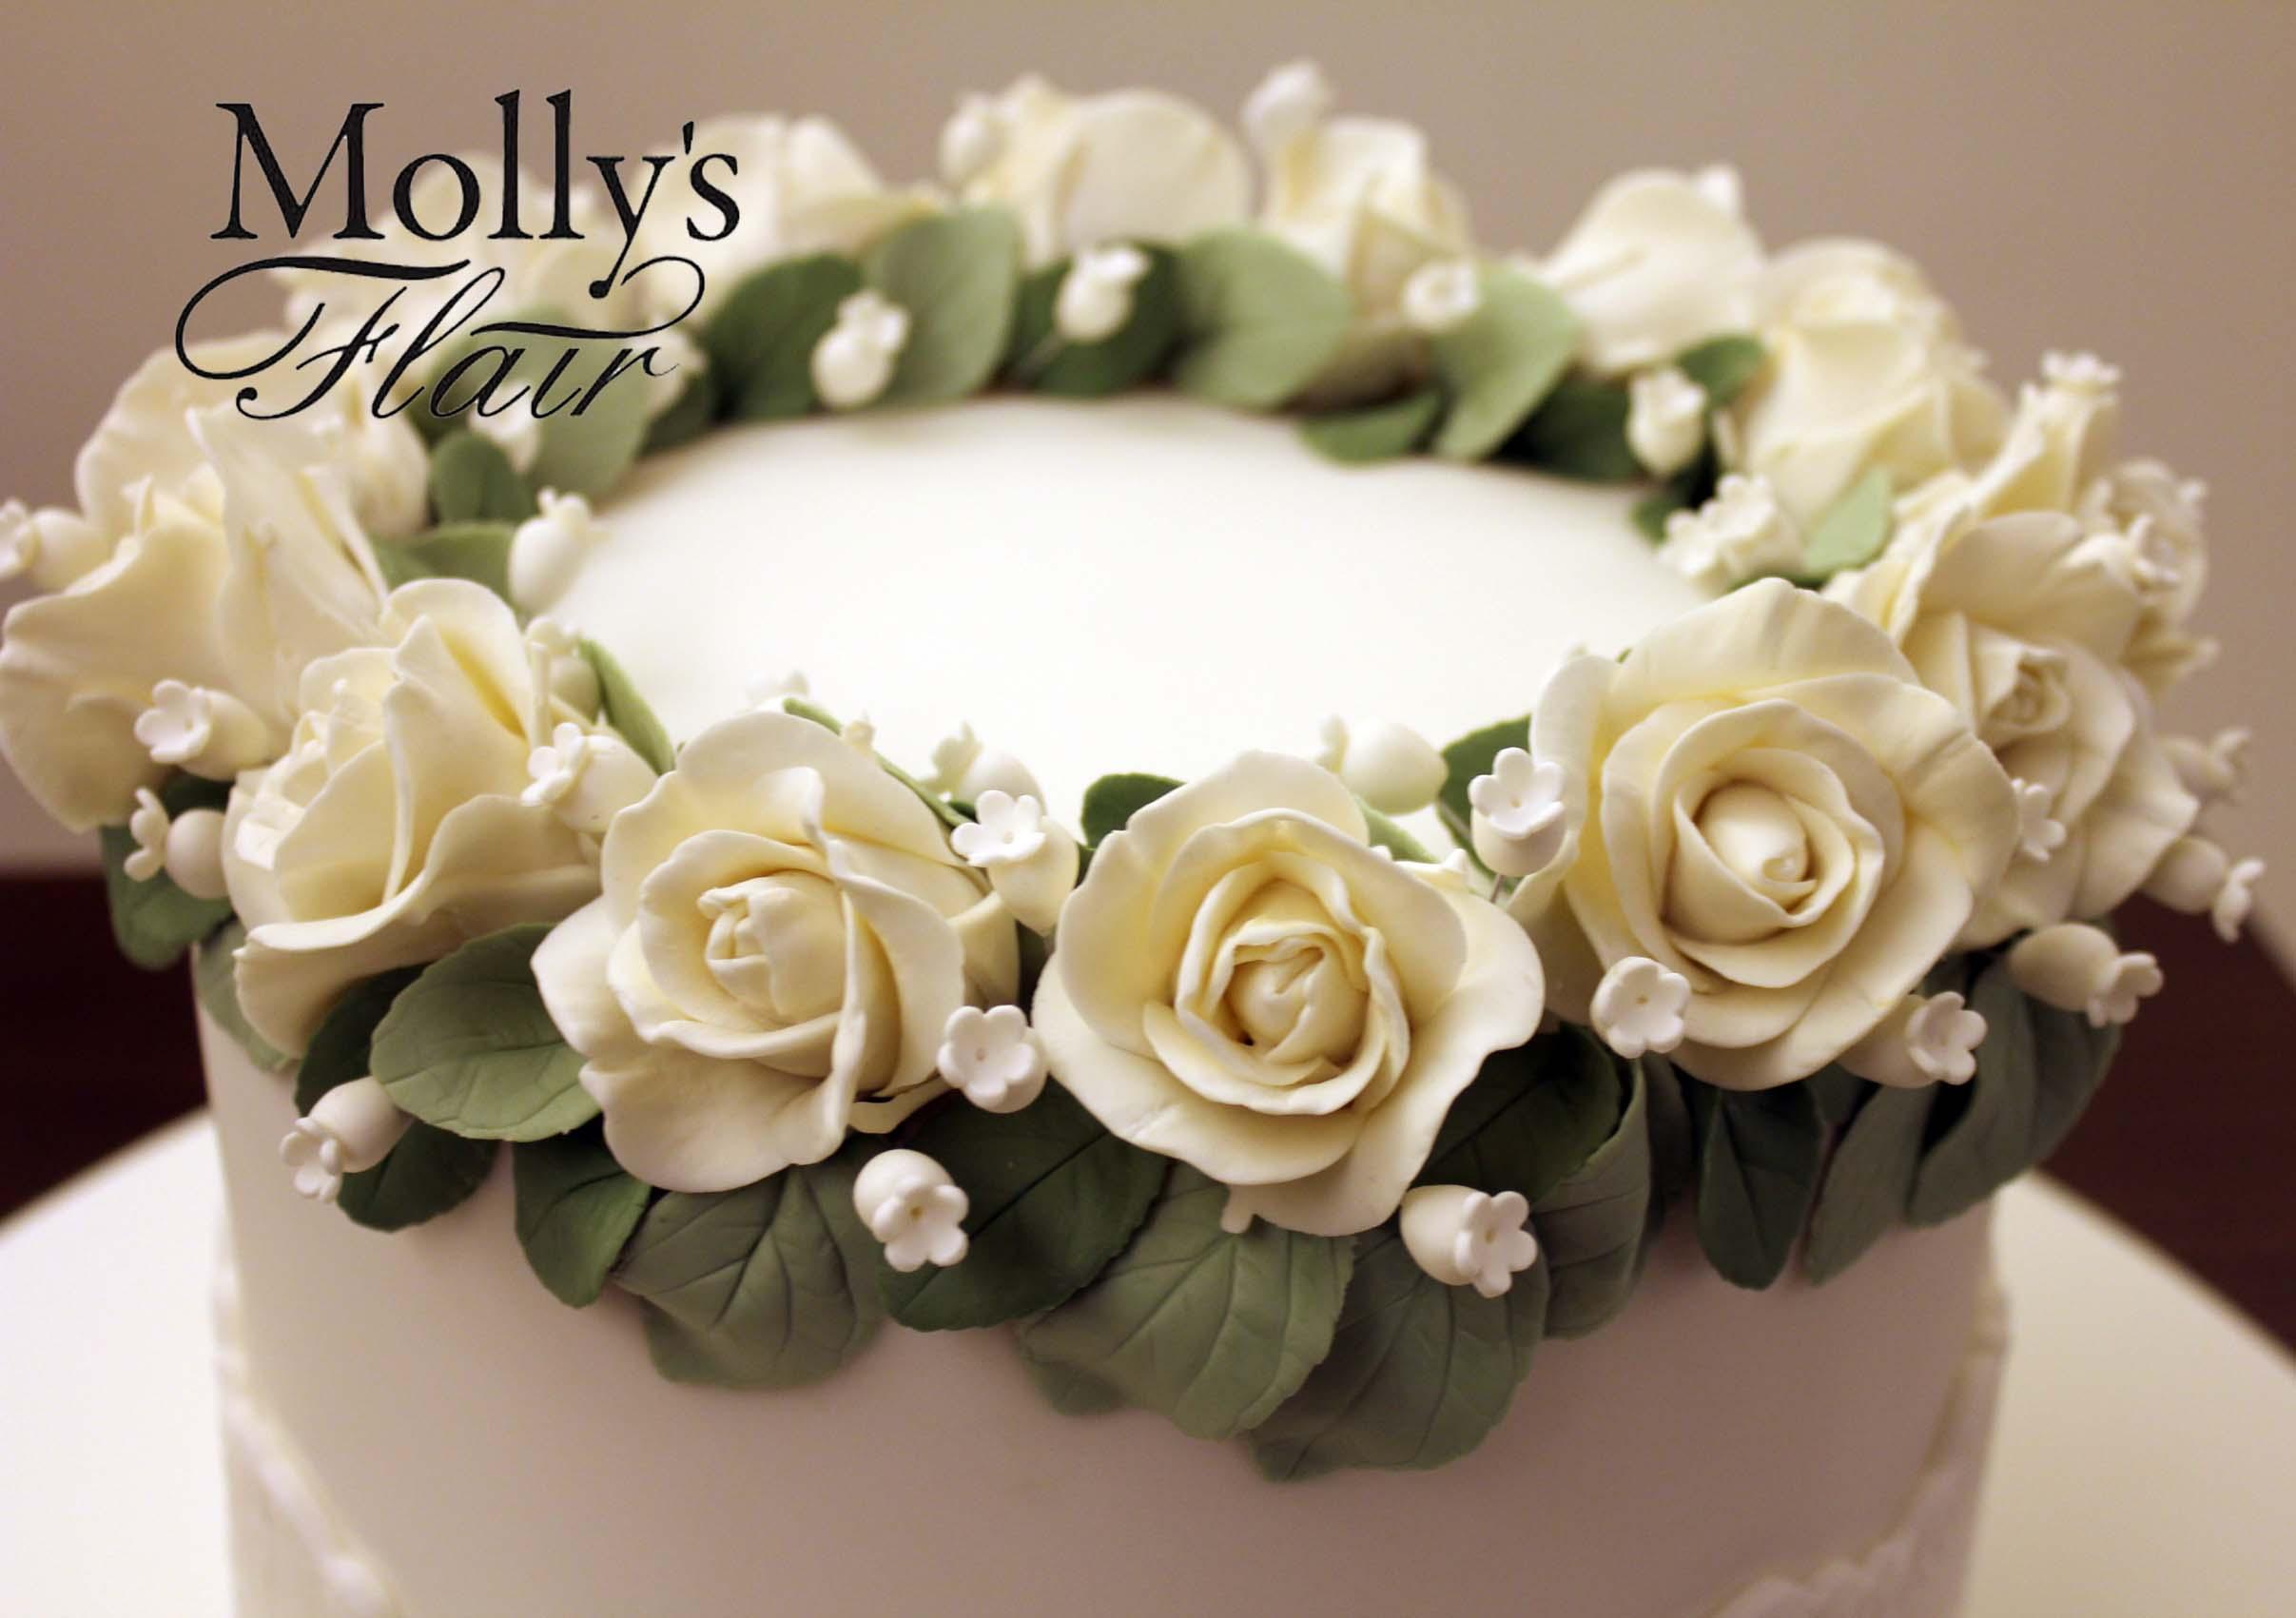 White sugar flower wreath